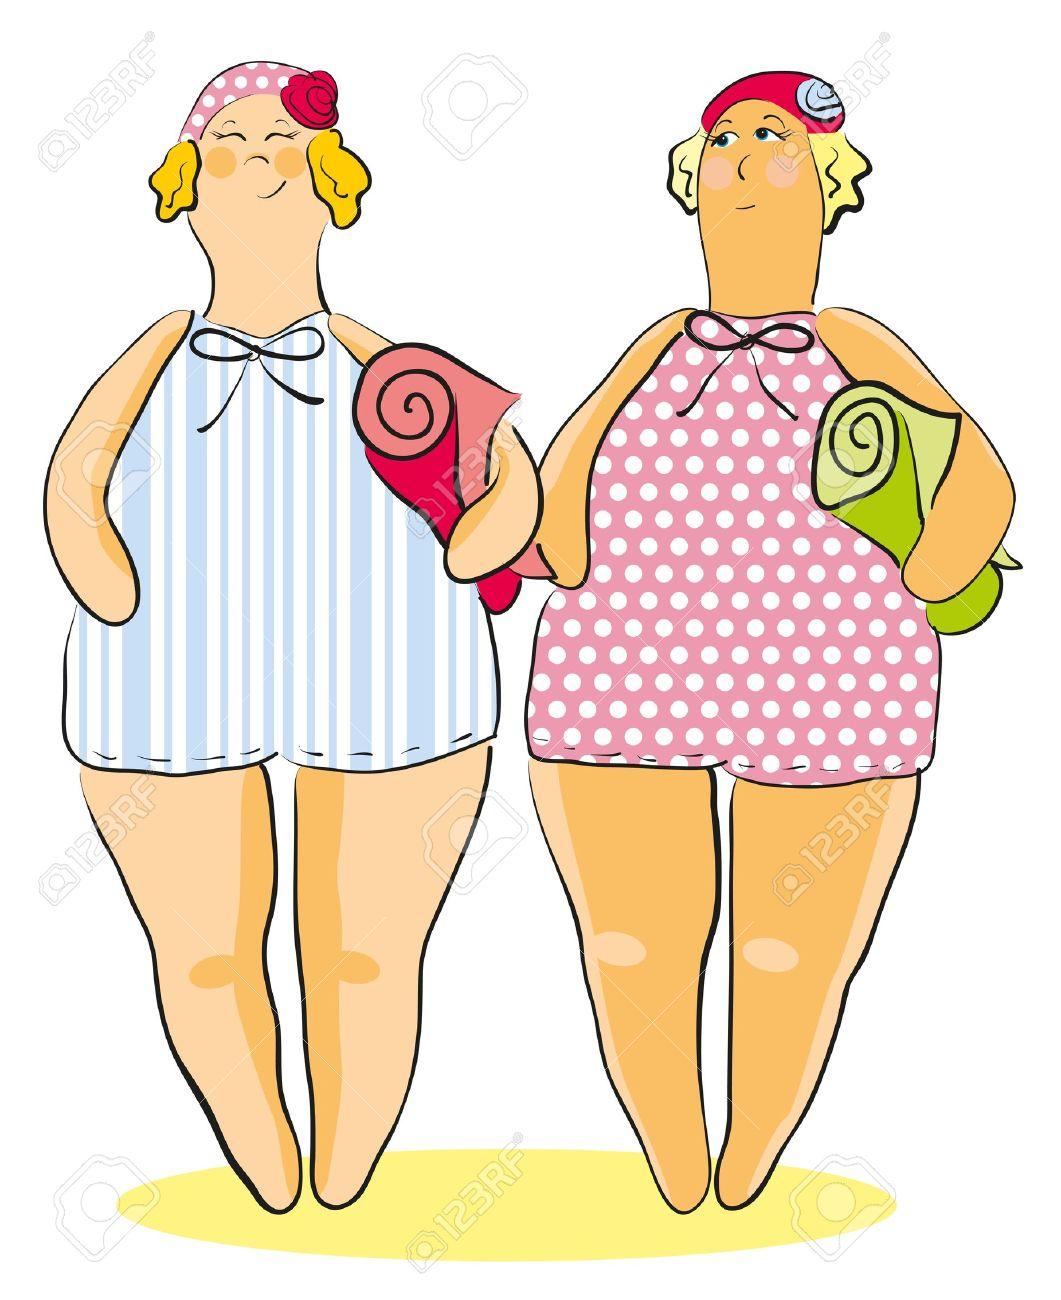 dos mujeres gordas en traje de baño, gorras y toallas Foto de archivo - 13232691